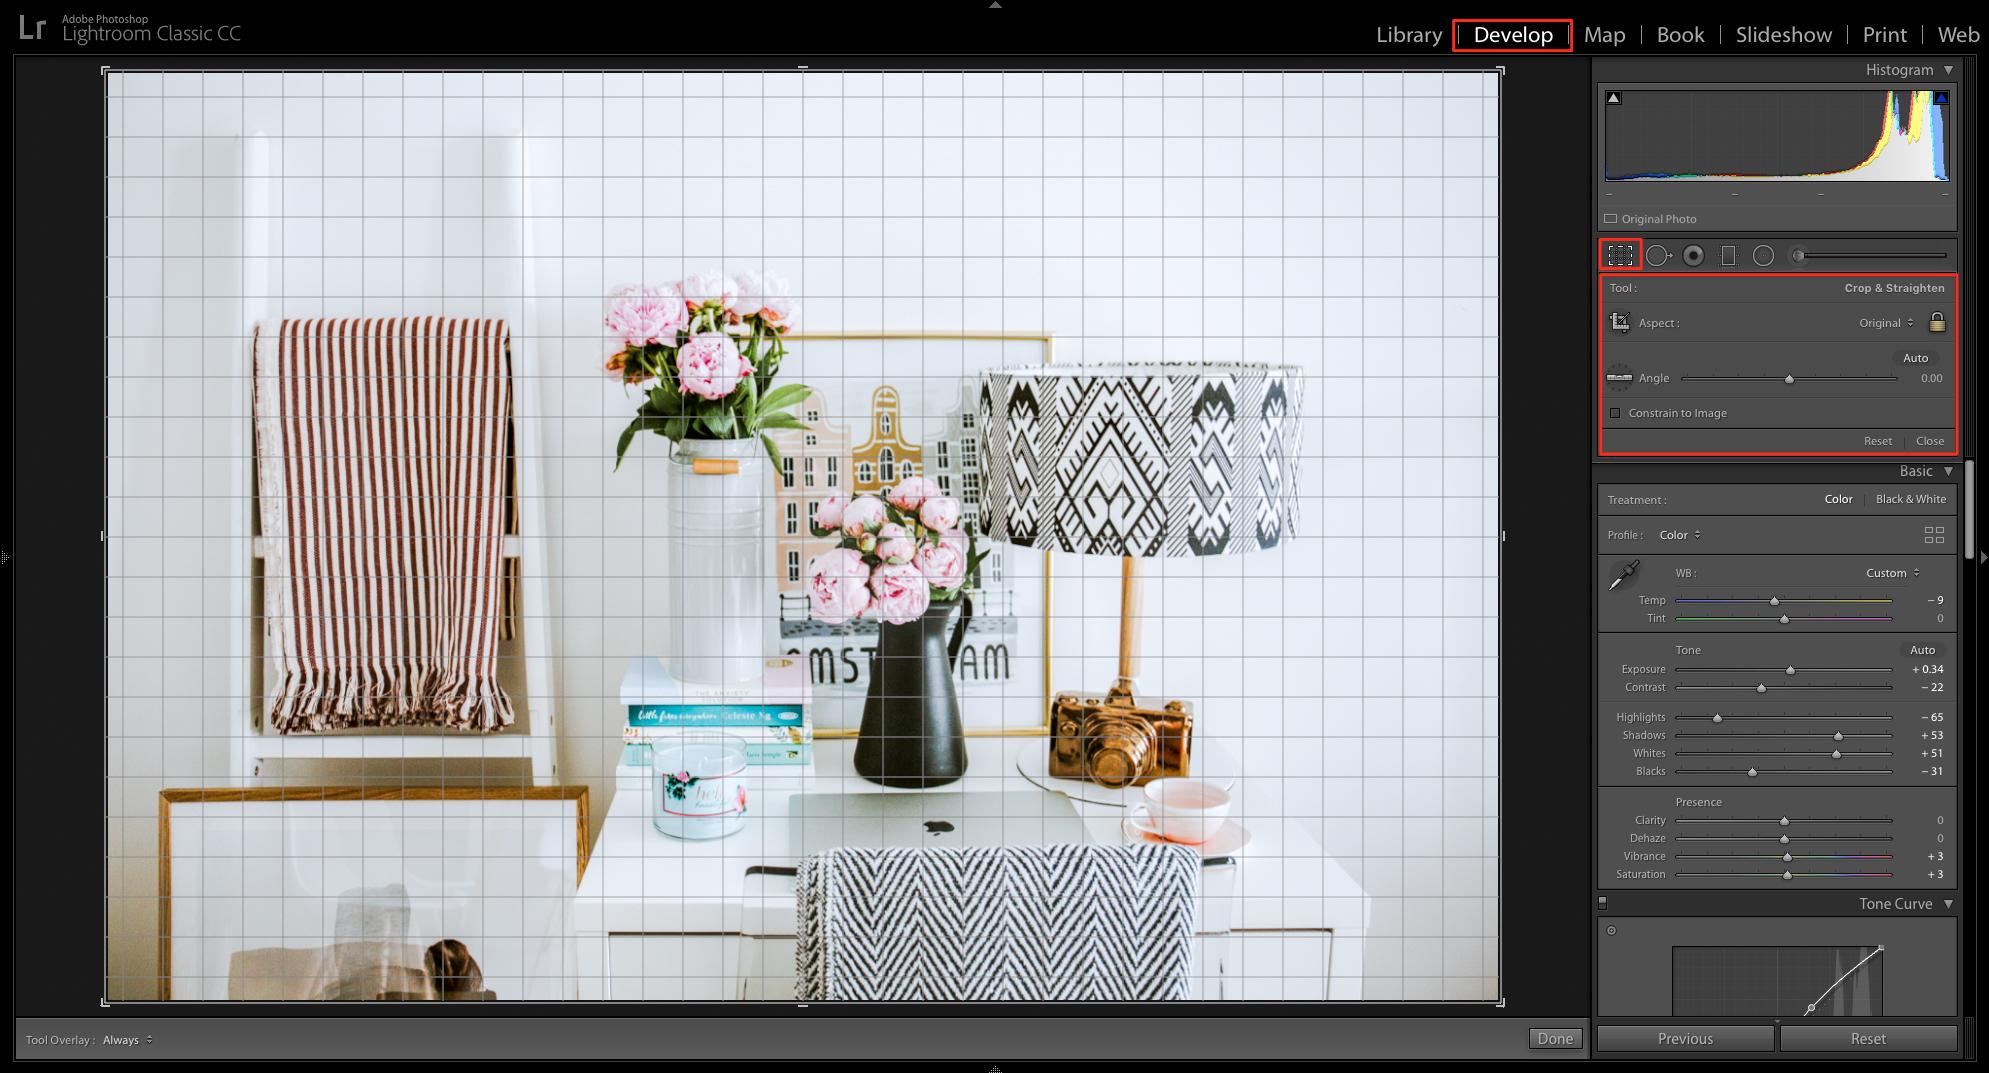 crop and straighten tools in lightroom